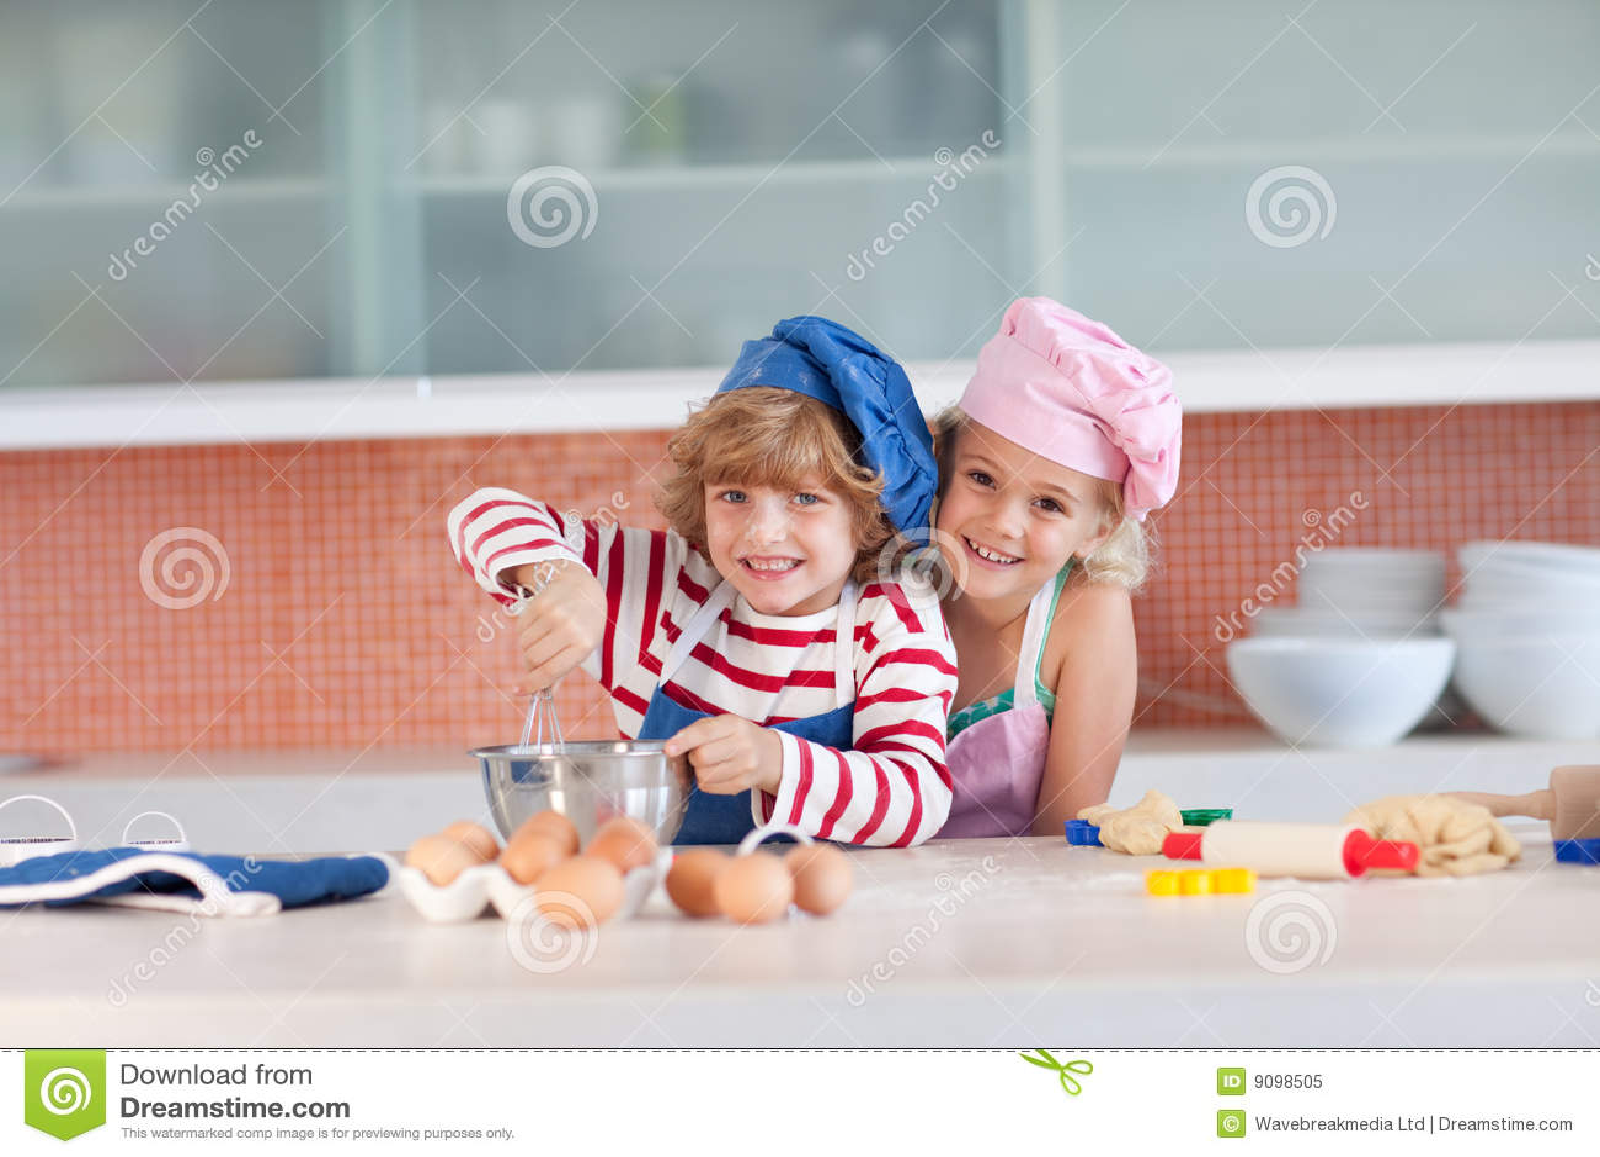 Keuken Voor Kinderen : Kinderen die pret in de keuken hebben stock afbeelding